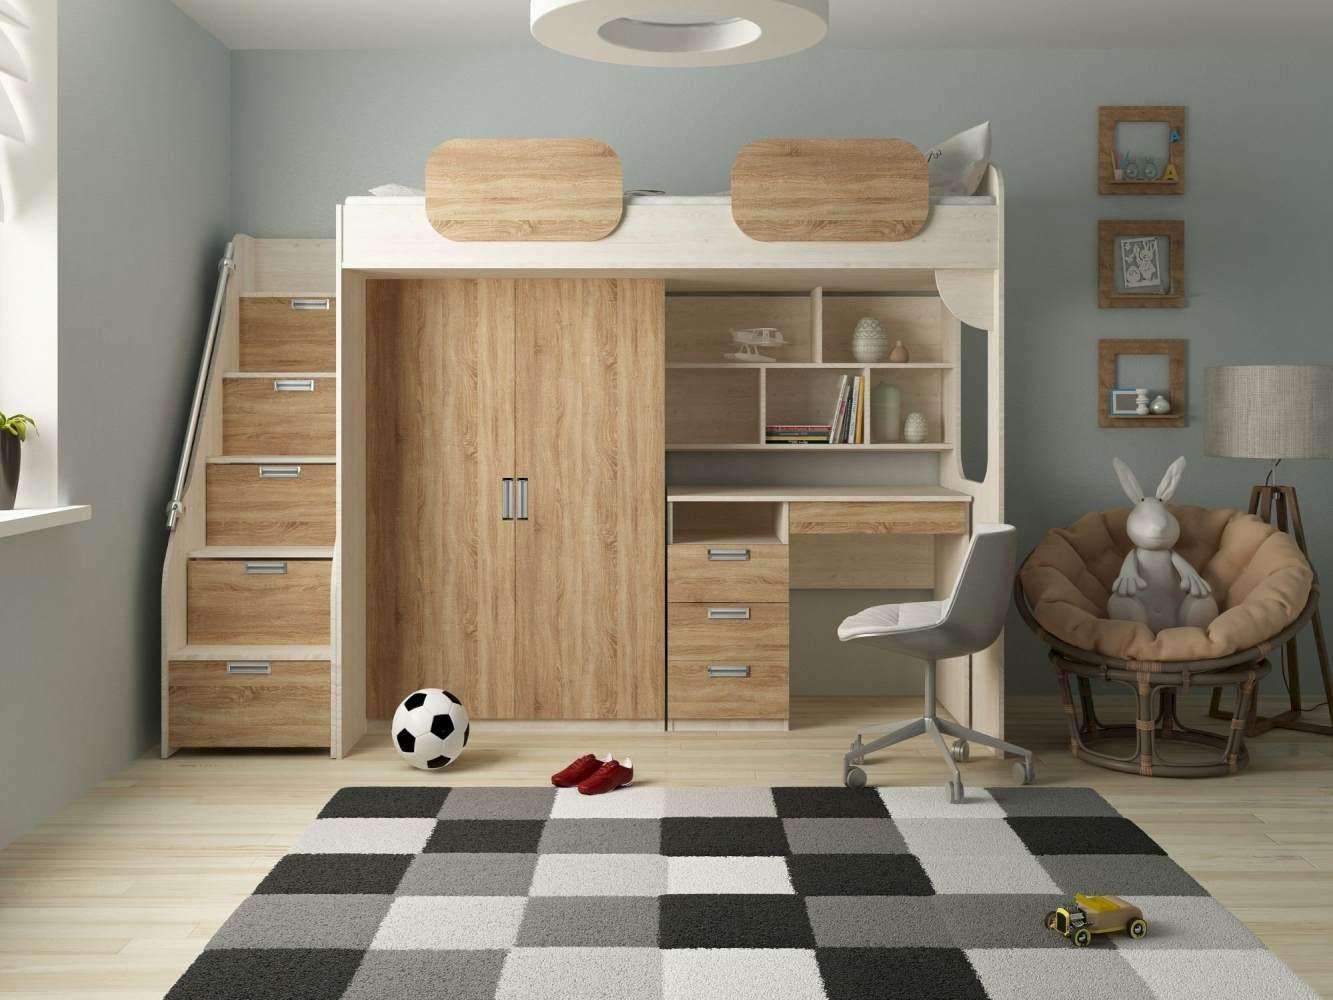 Kinder Komfort 'Geko' Schrankbett, Rustikal hell, 90x200 cm, mit Kleiderschrank und Schreibtisch Bild 1